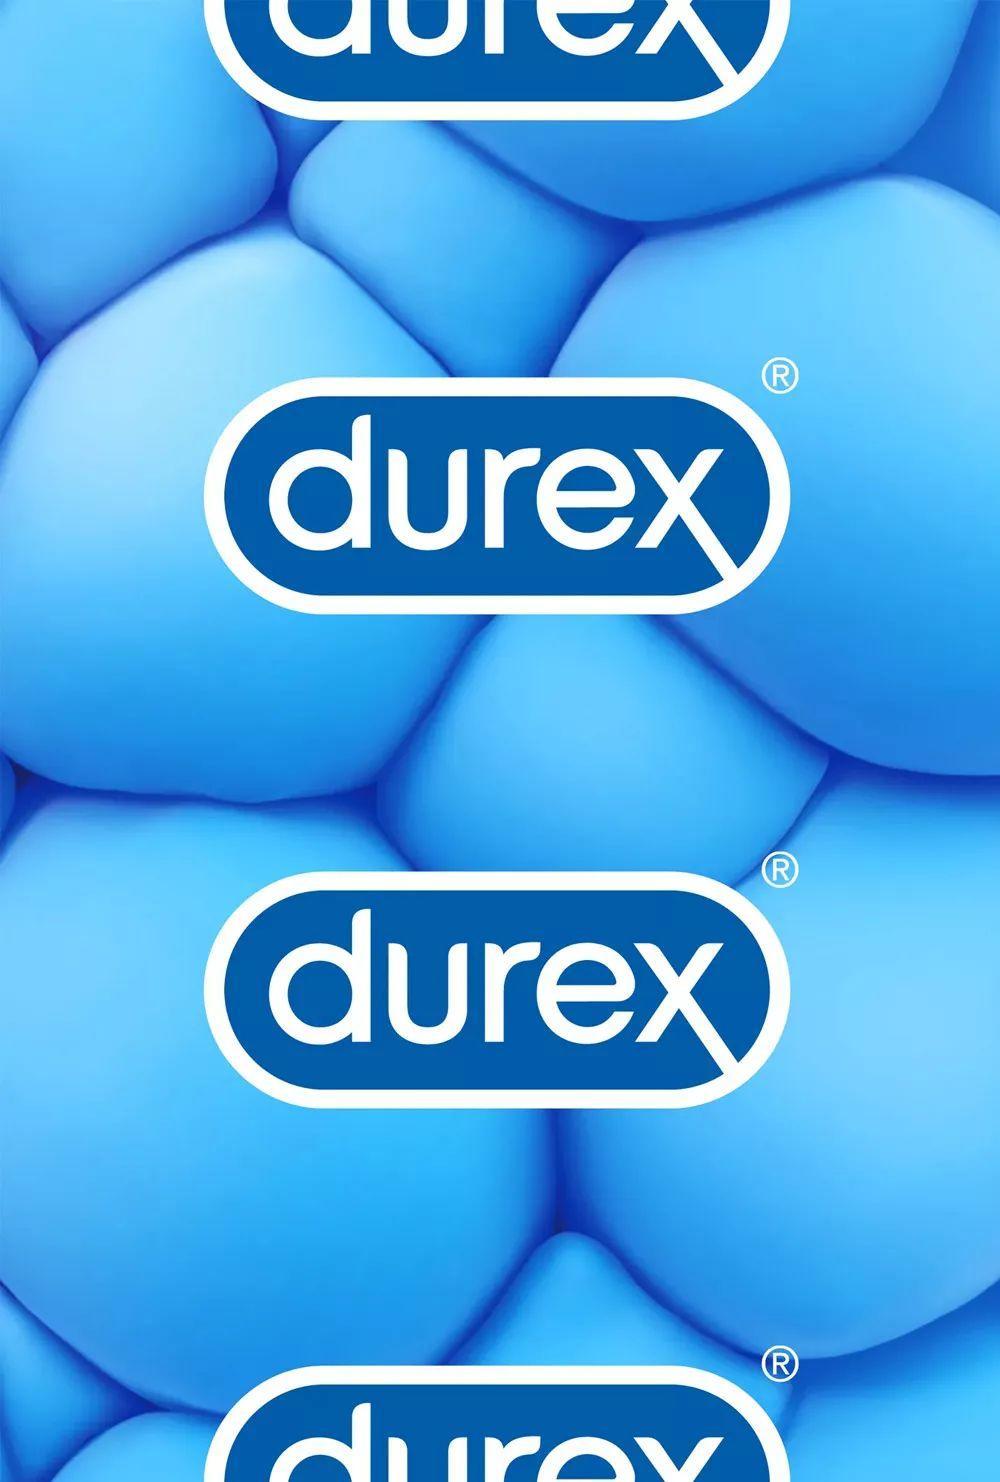 杜蕾斯换logo了!